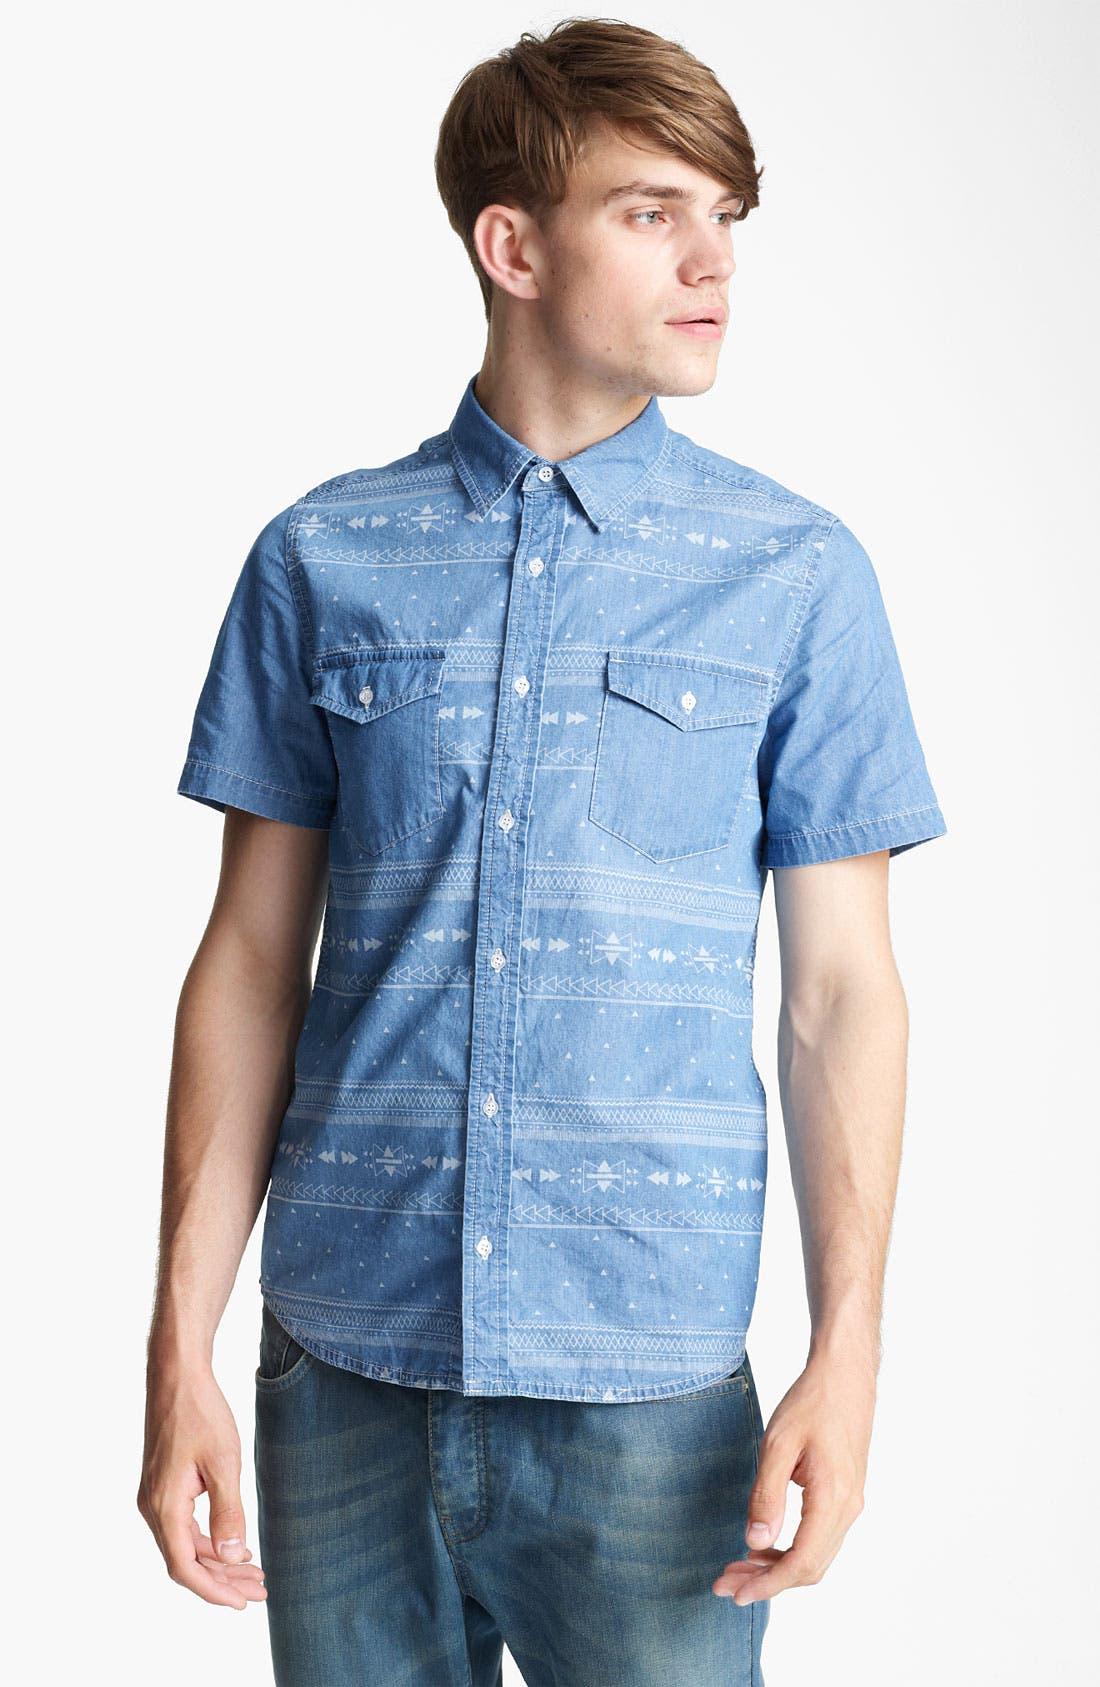 Alternate Image 1 Selected - Topman 'Aztec' Print Denim Shirt